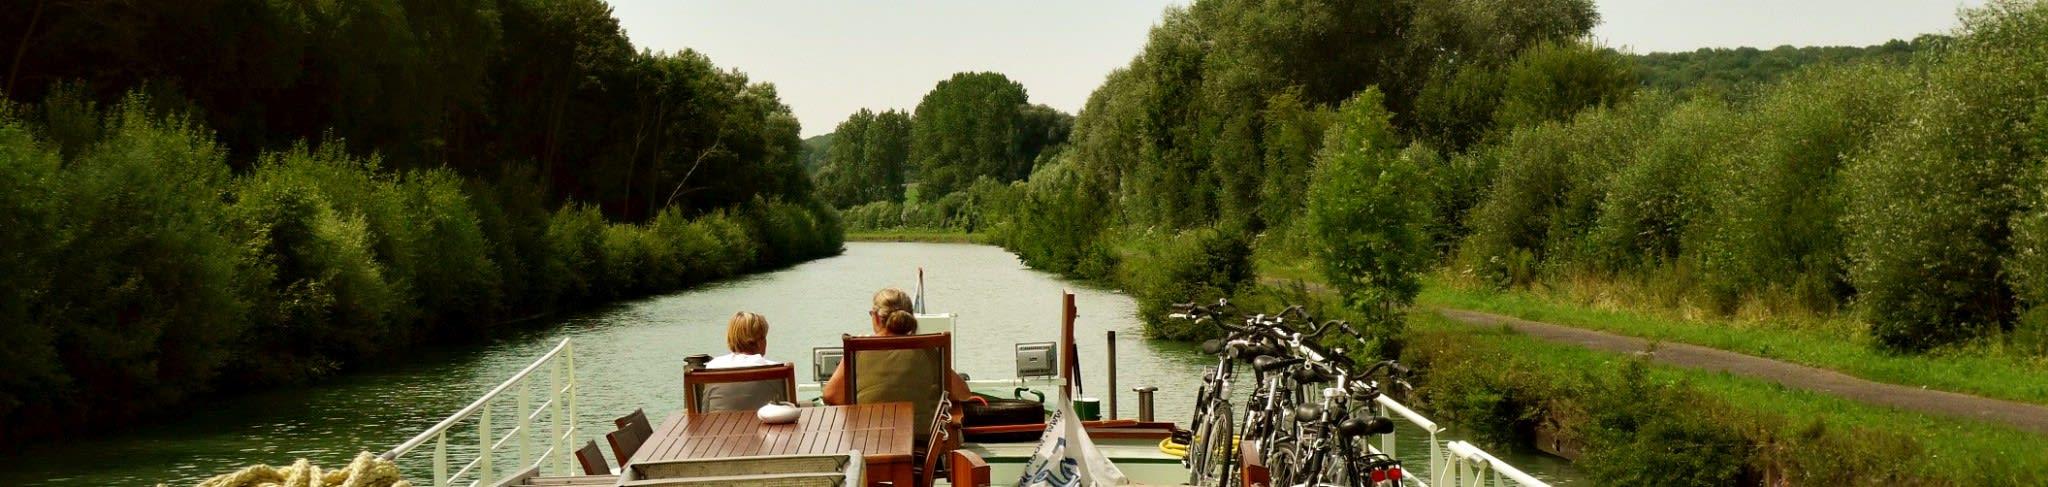 Geniet van het langzaam boorbij glijdende landschap tijdens een kanaalcruise